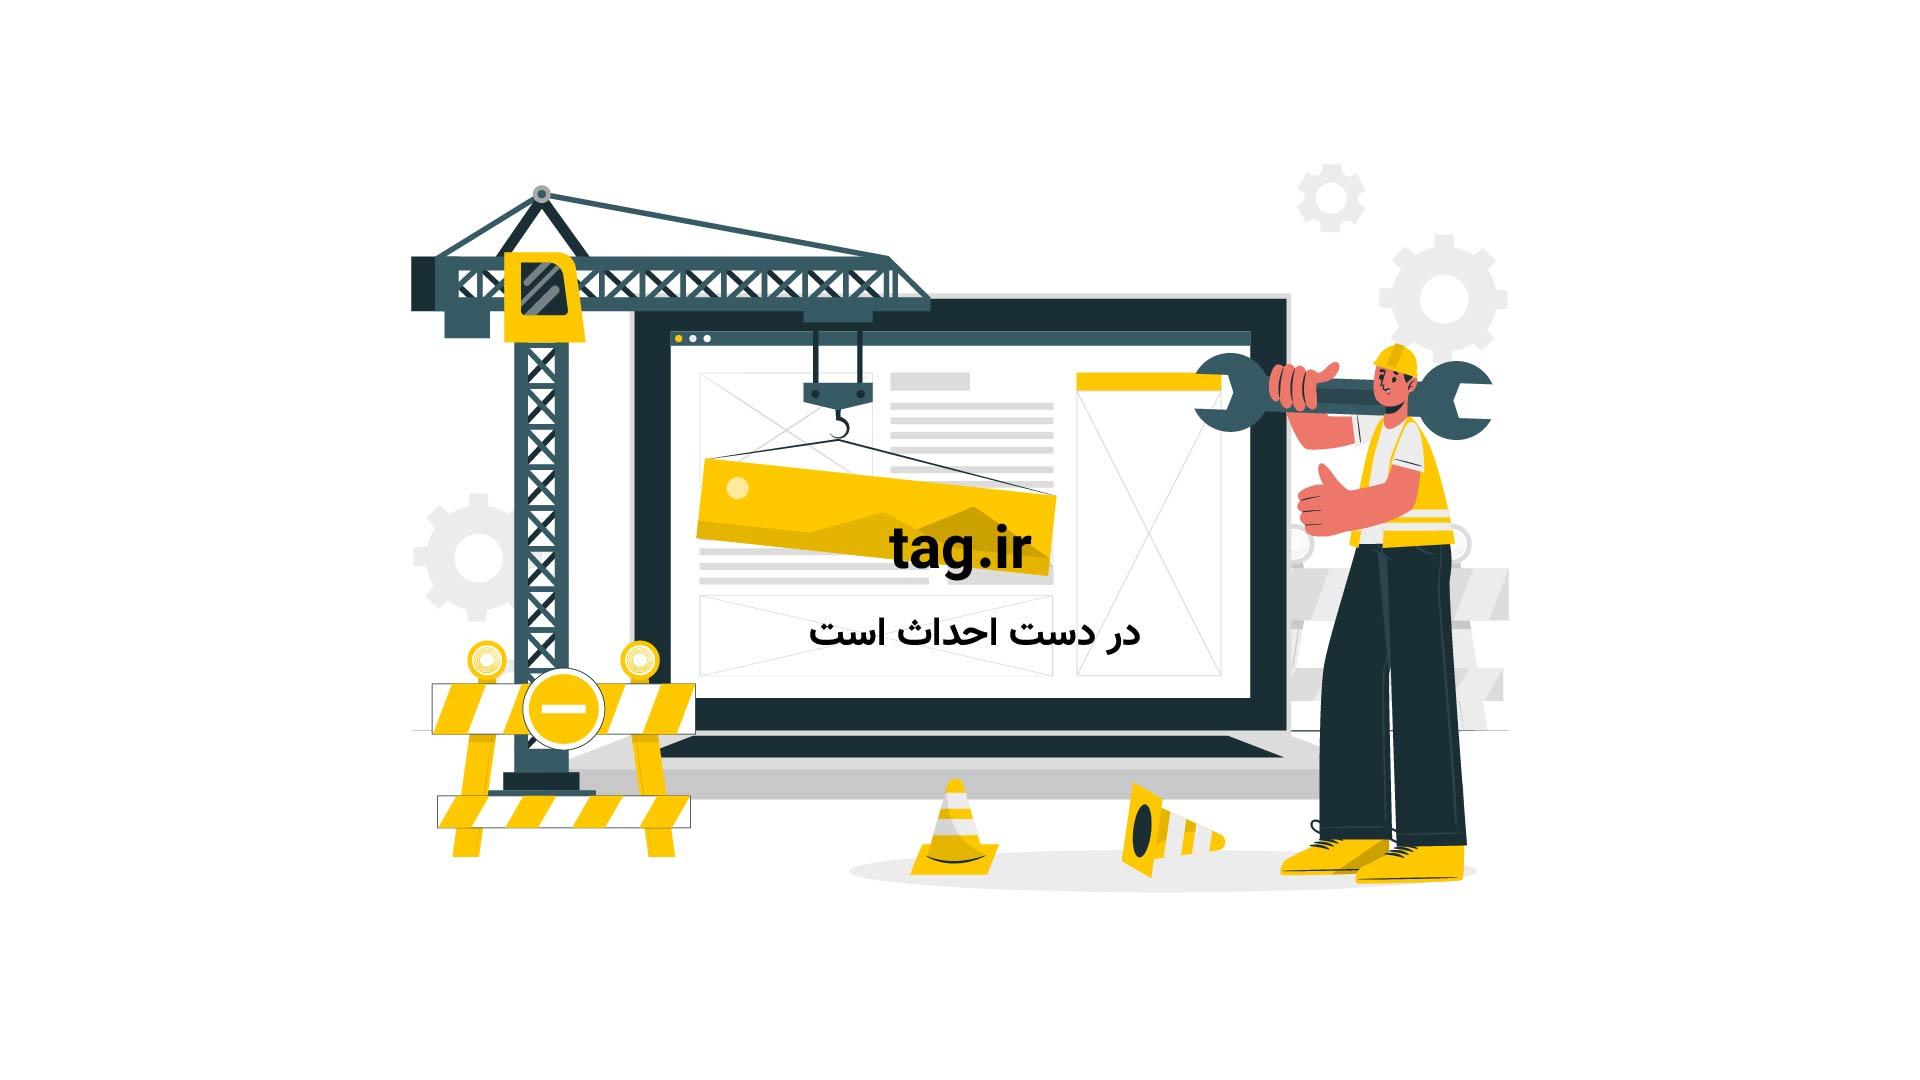 فیلم بی نظیر از سیستم آموزشی ژاپن